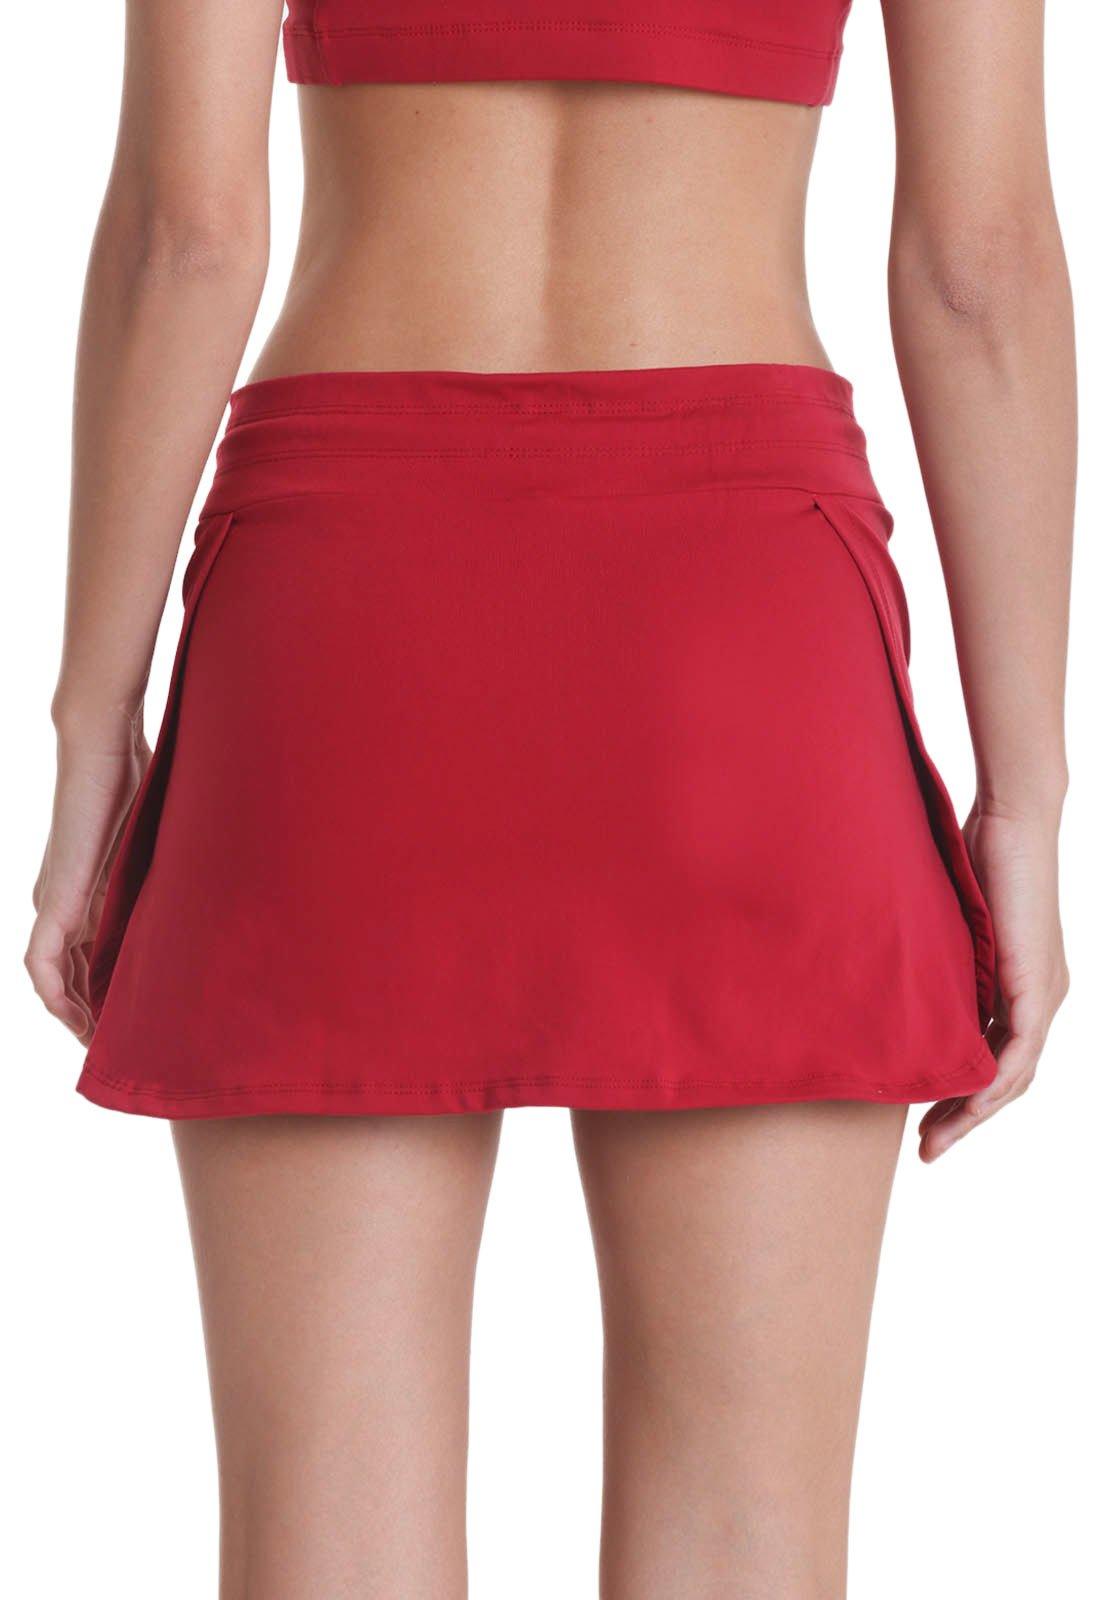 Shorts Saia Supplex - Vermelho - Líquido - Compre Agora